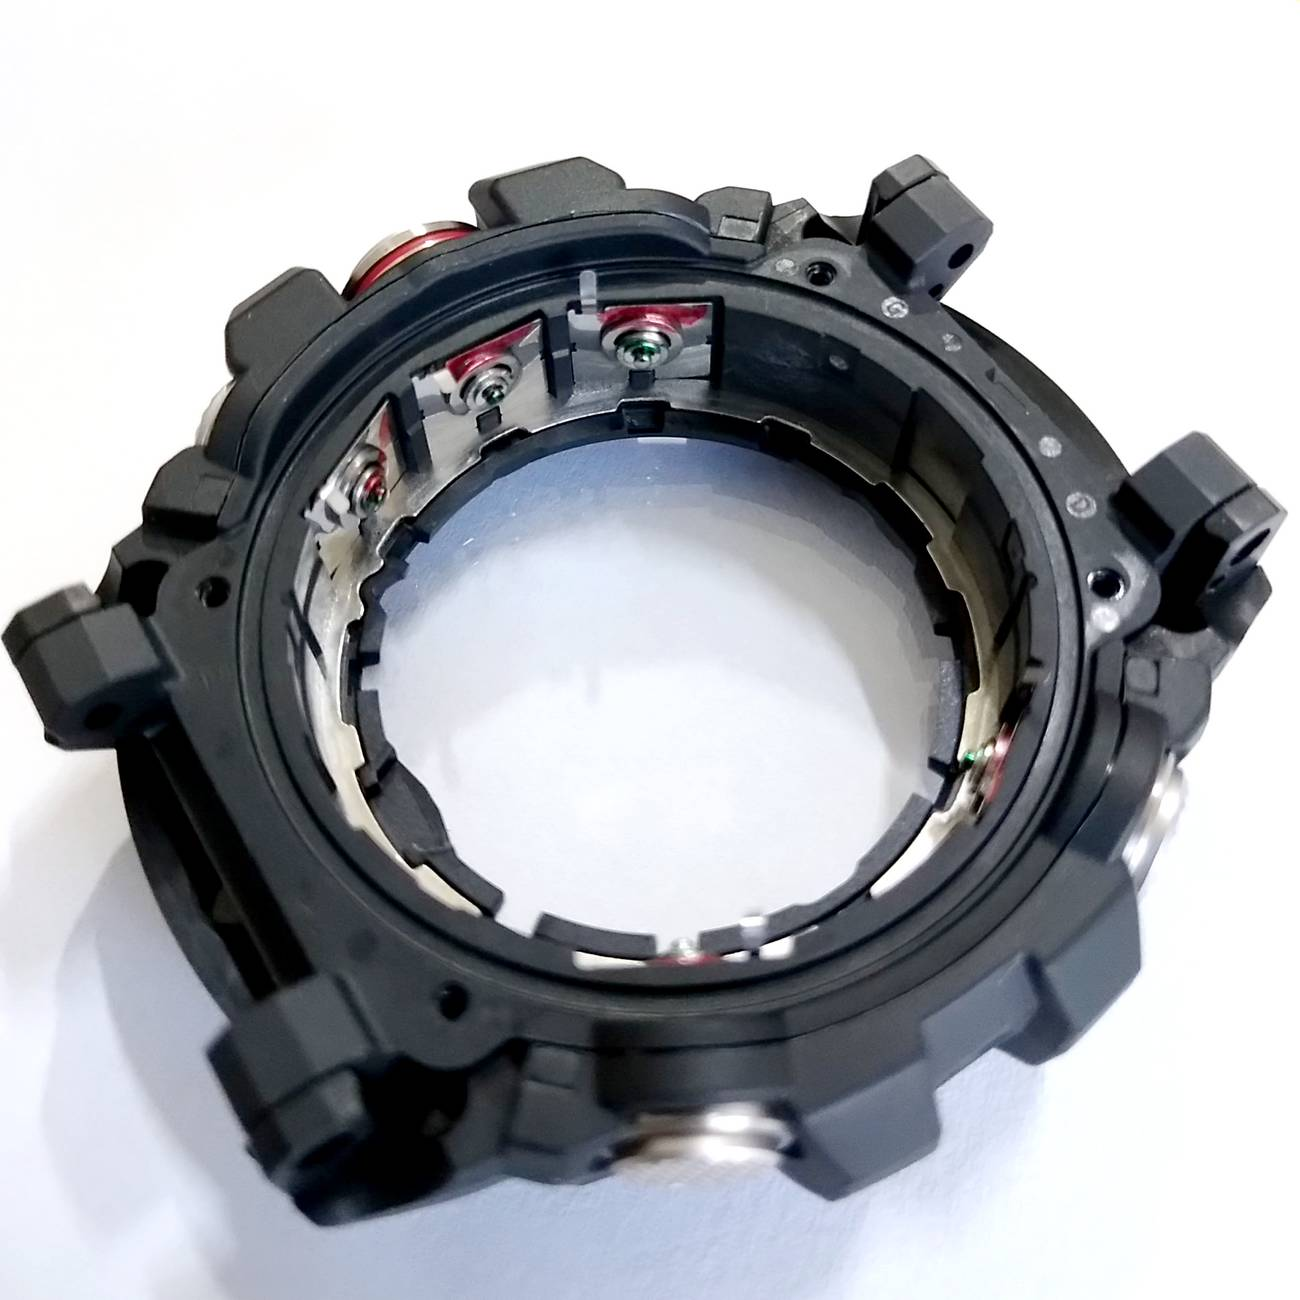 Caixa Case Frontal Casio G-shock GG-1000-1a COMPLETO  - E-Presentes